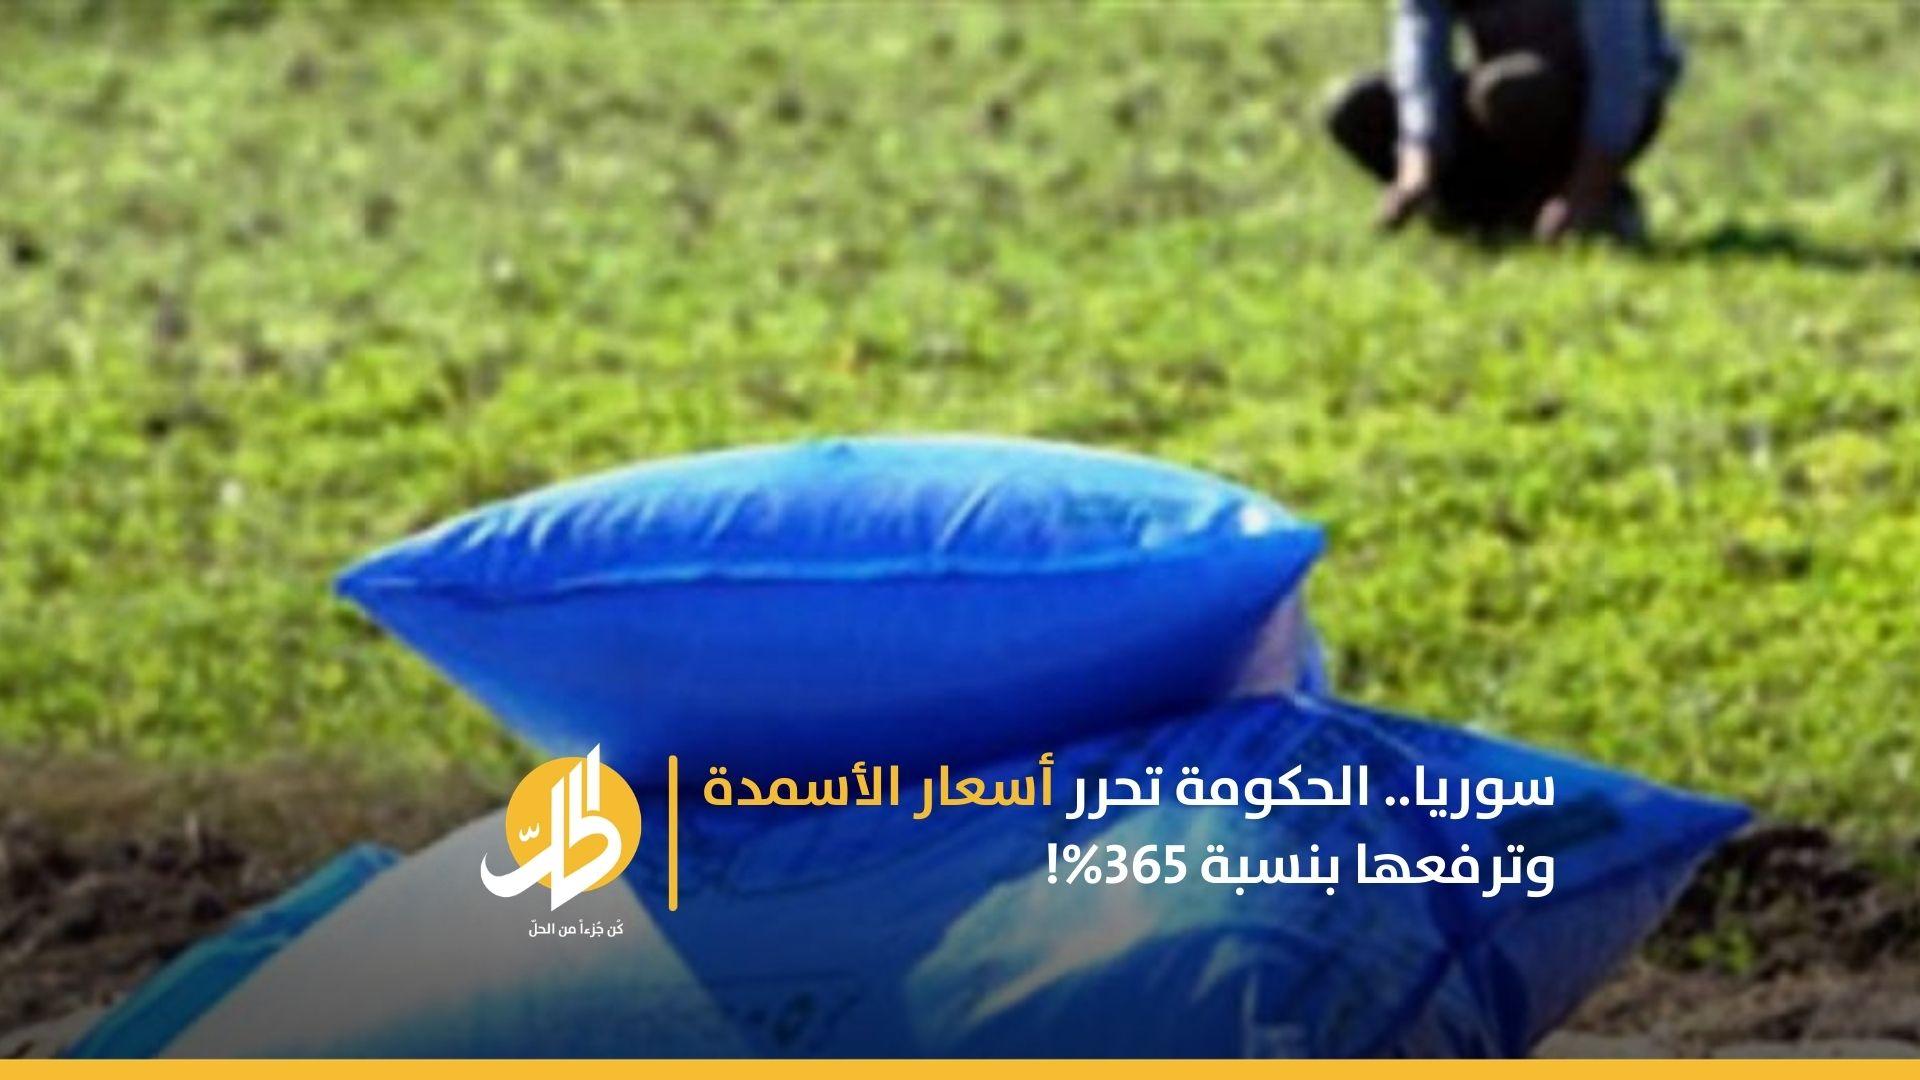 سوريا.. الحكومة تحرر أسعار الأسمدة وترفعها بنسبة 365%!